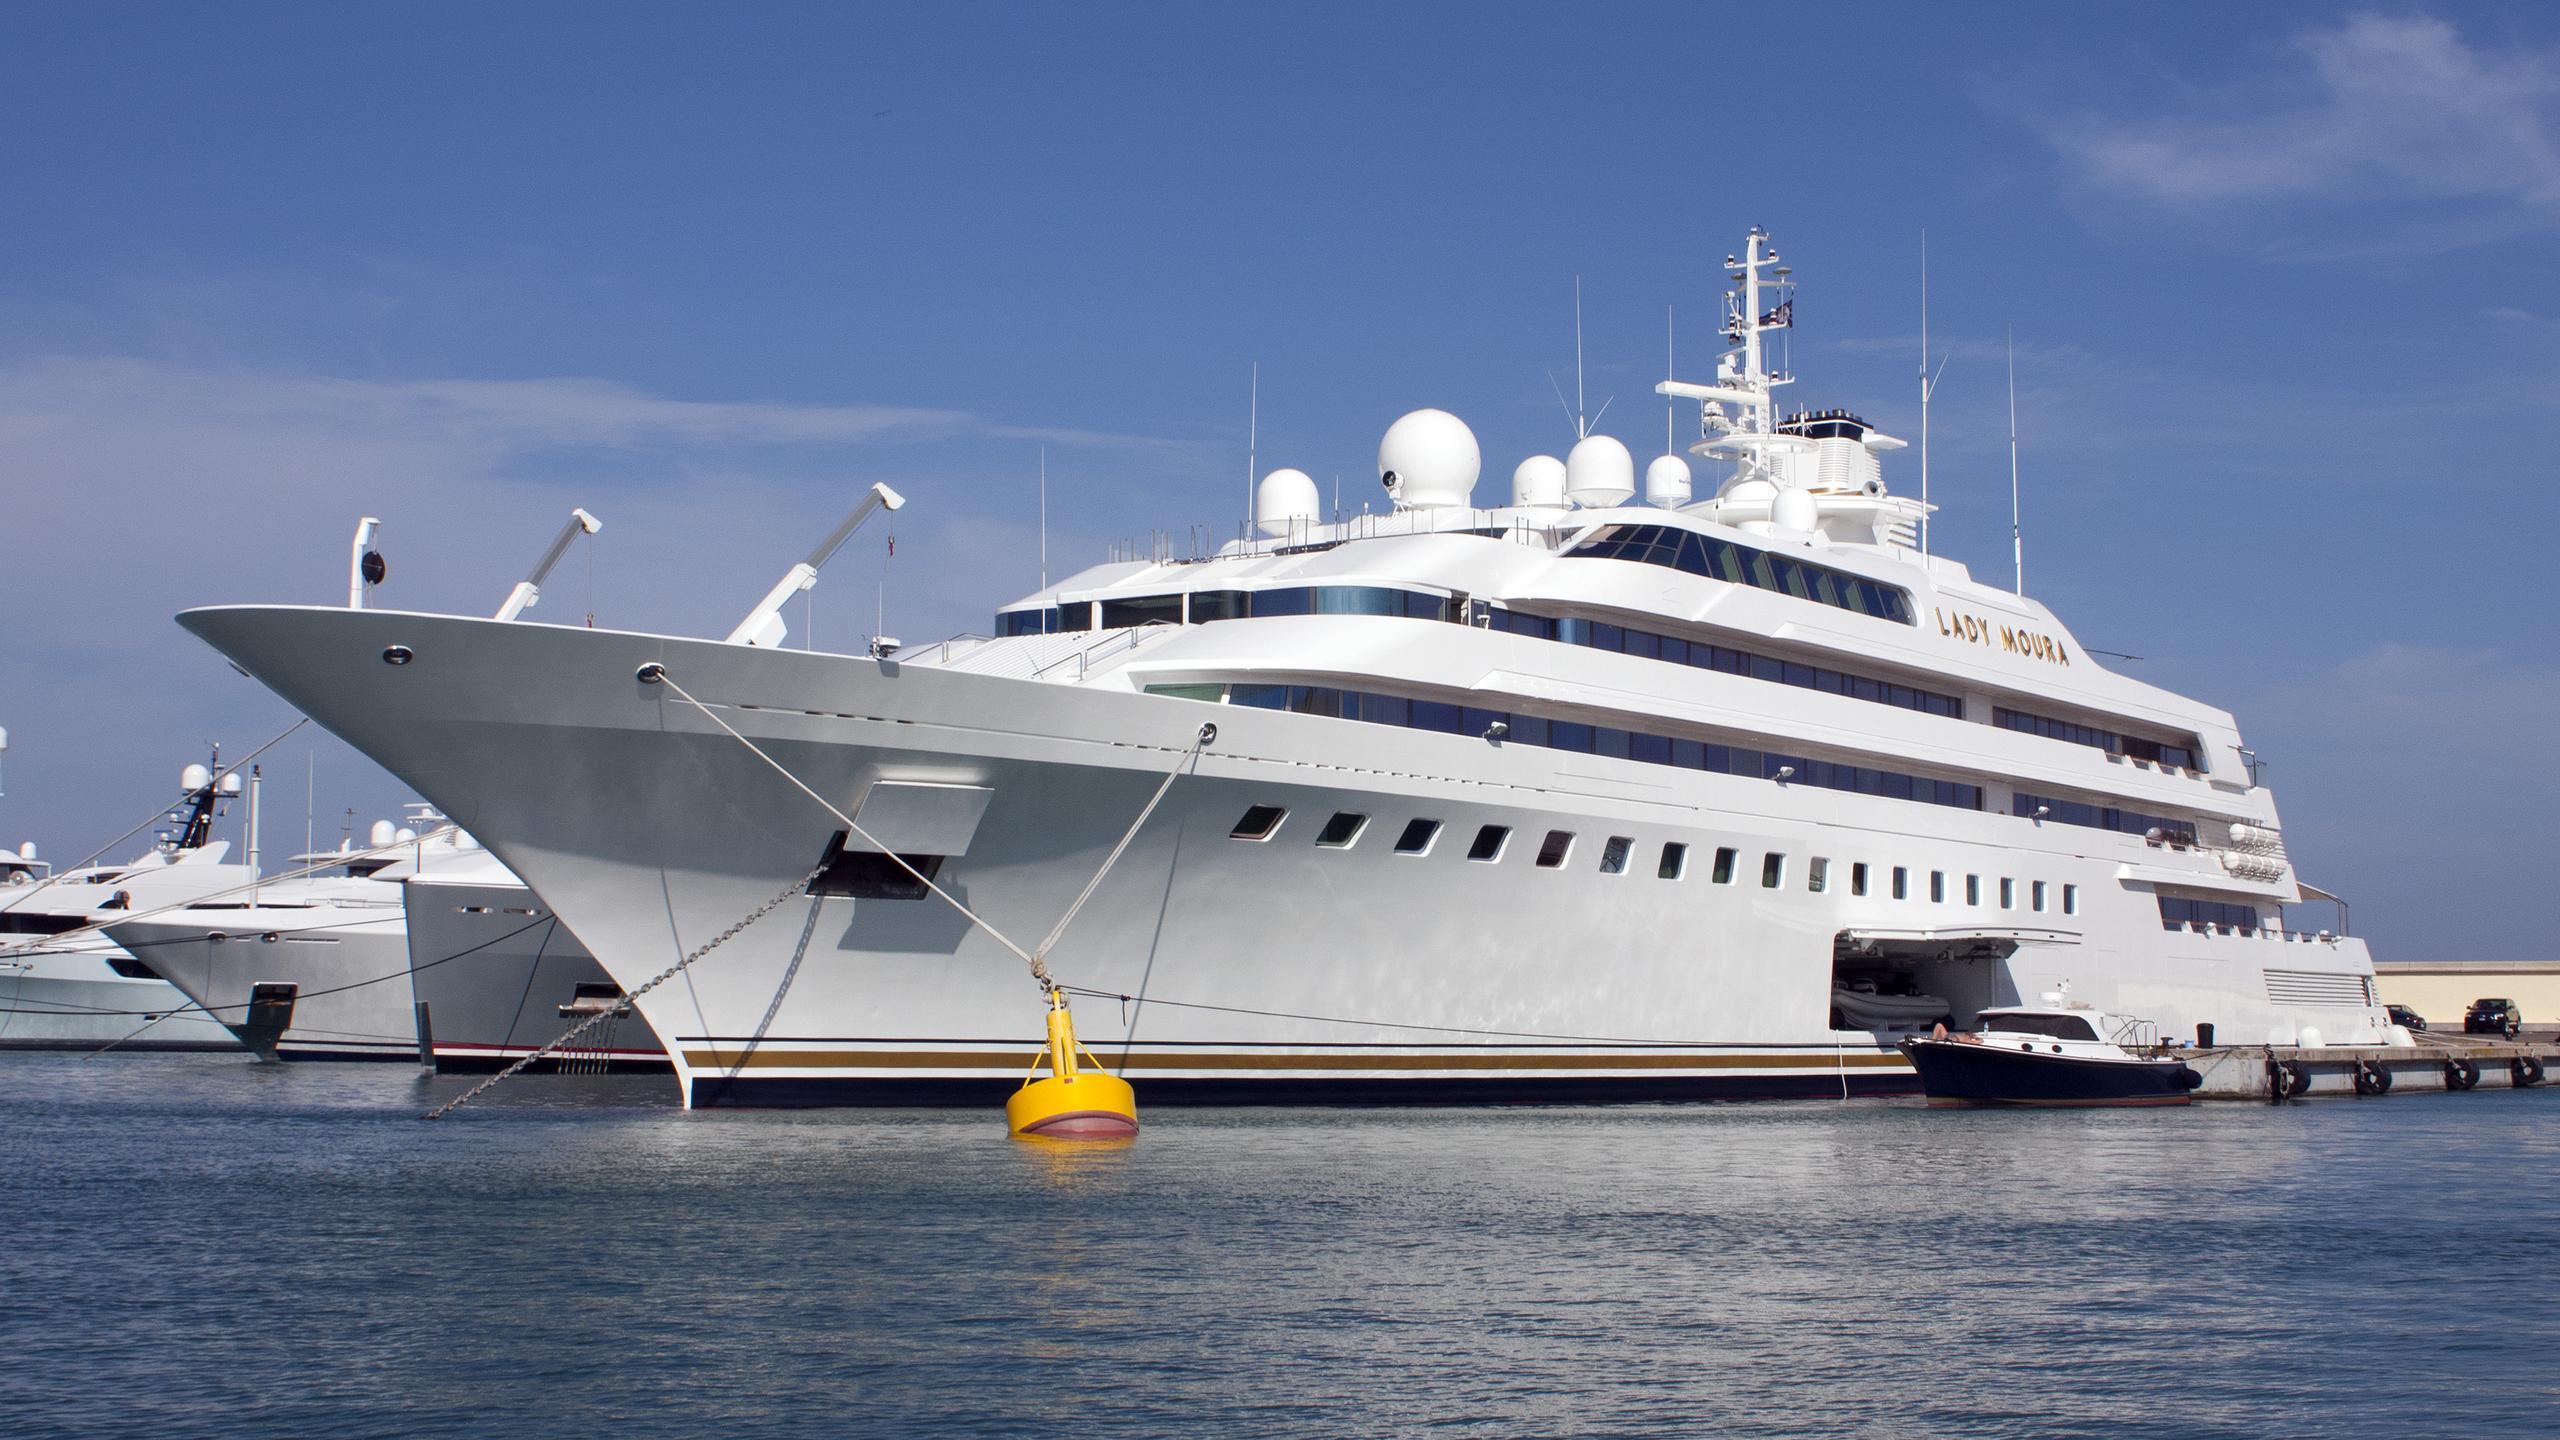 lady-moura-motor-yacht-blohm-voss-1990-105m-half-profile